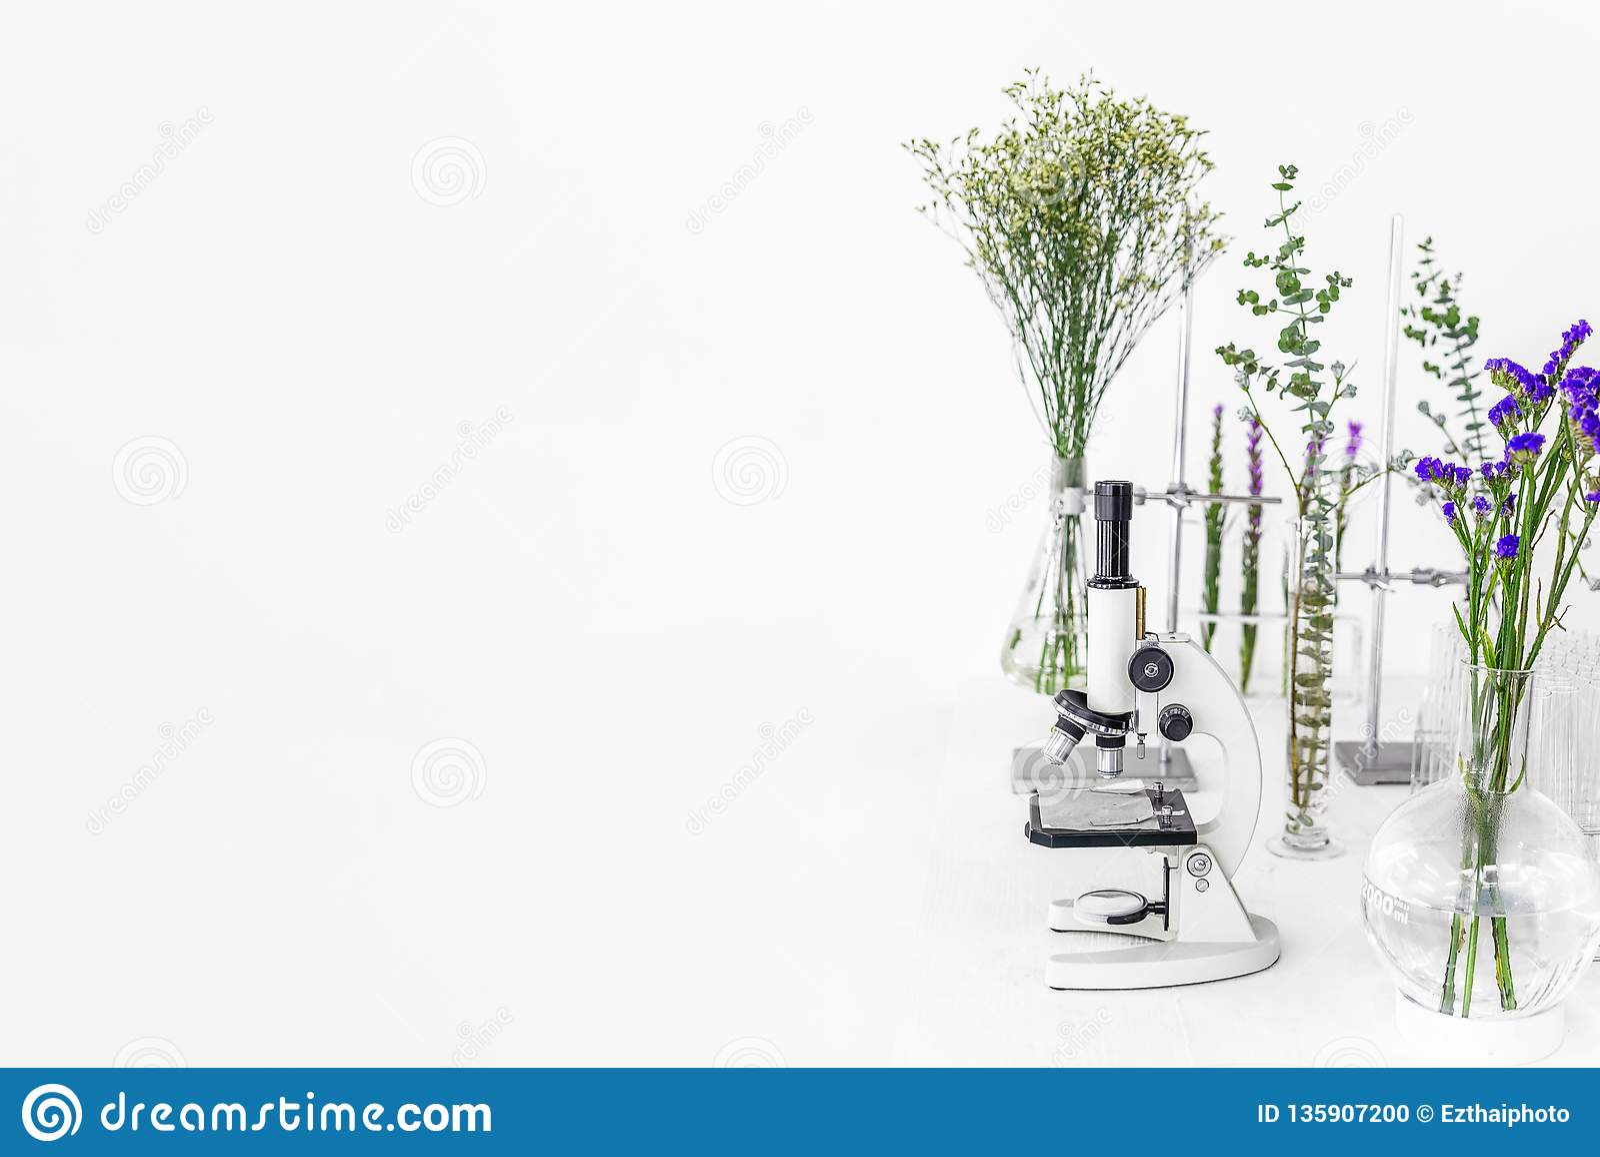 Plantas verdes e equipamento científico na biologia laborotary Microscópio com tubos de ensaio/recipientes de vidro e braçadeira